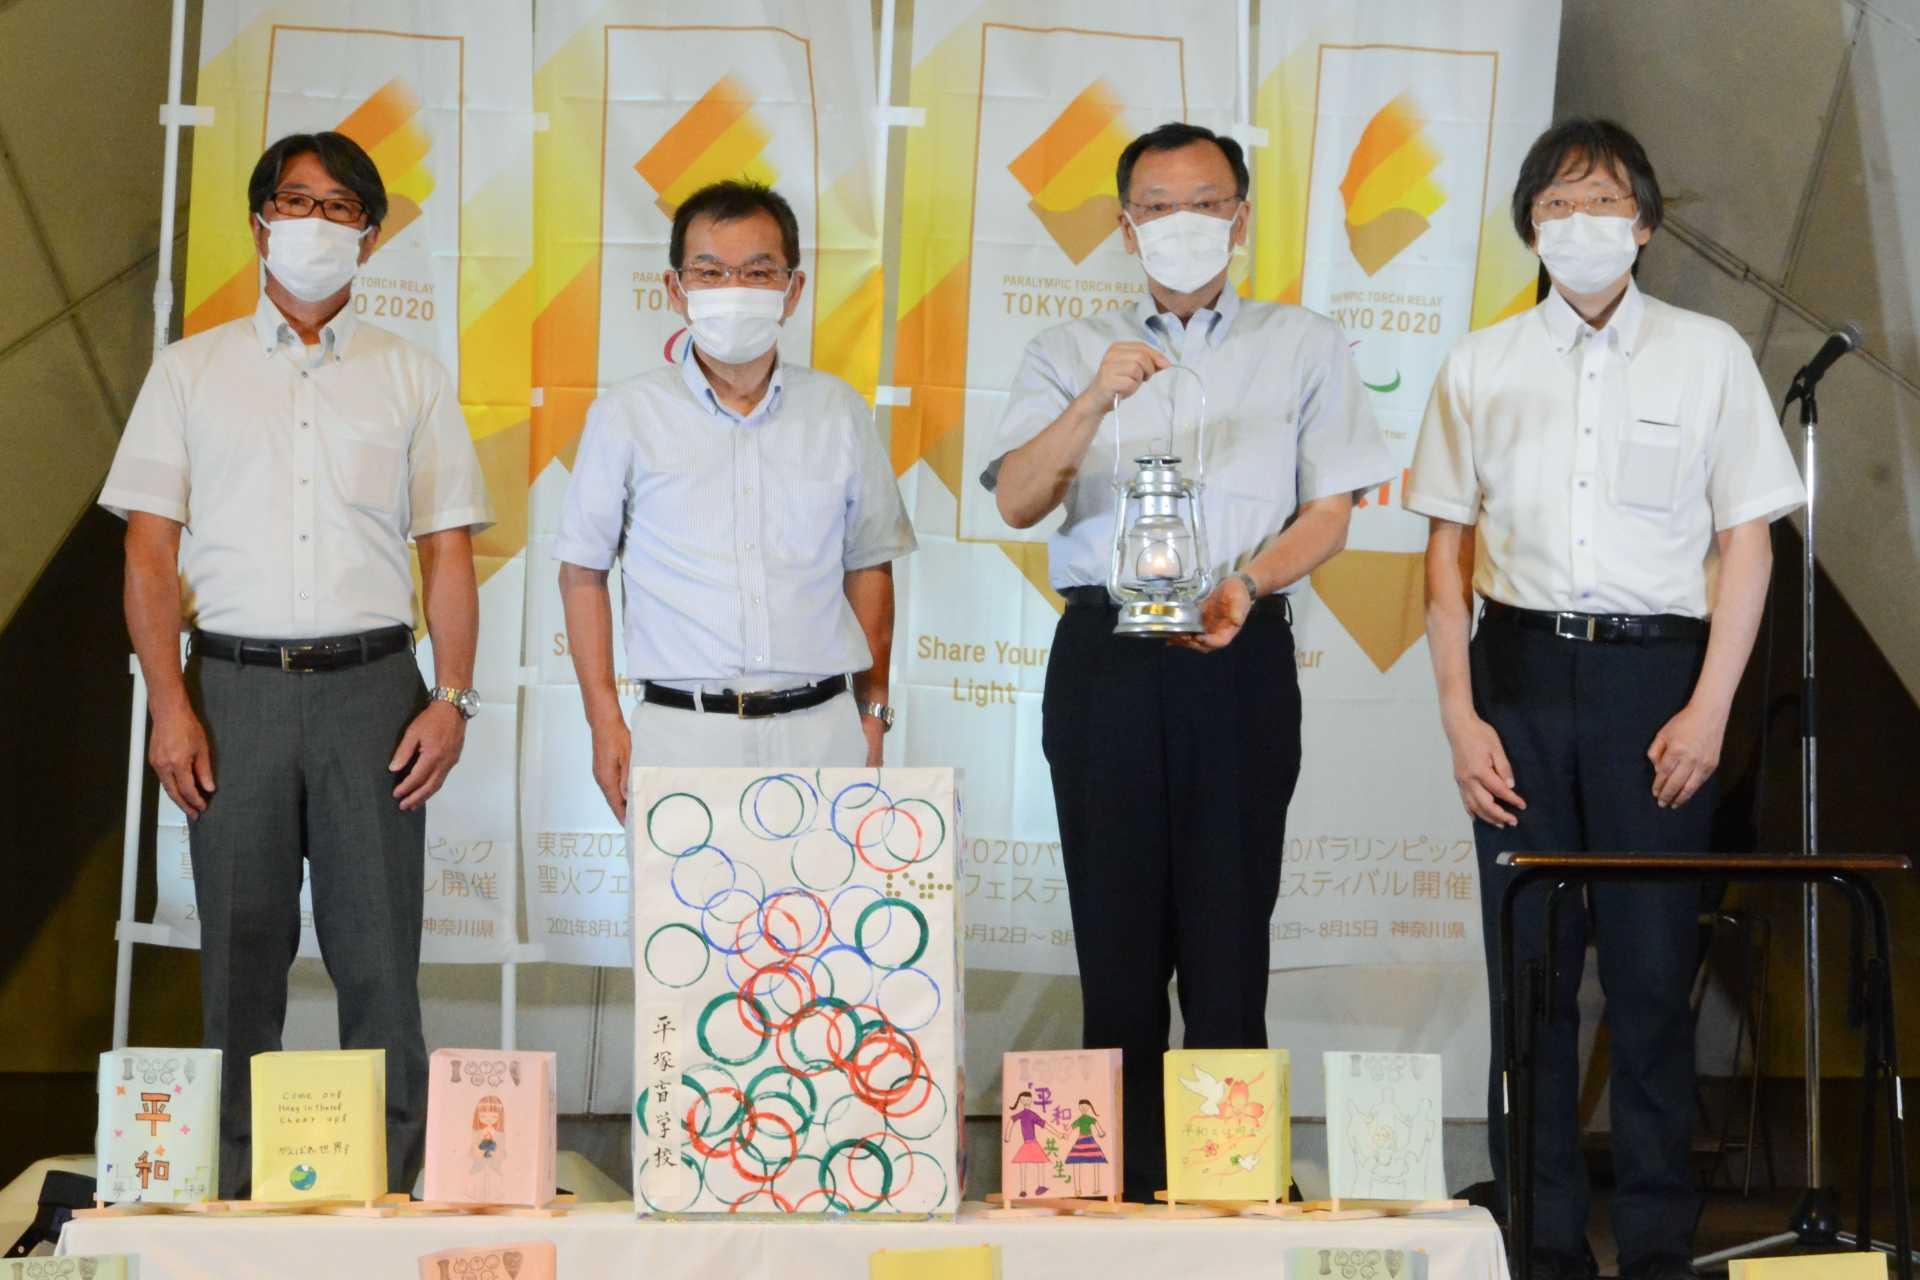 東京2020パラリンピック「平塚市の採火式」に参加